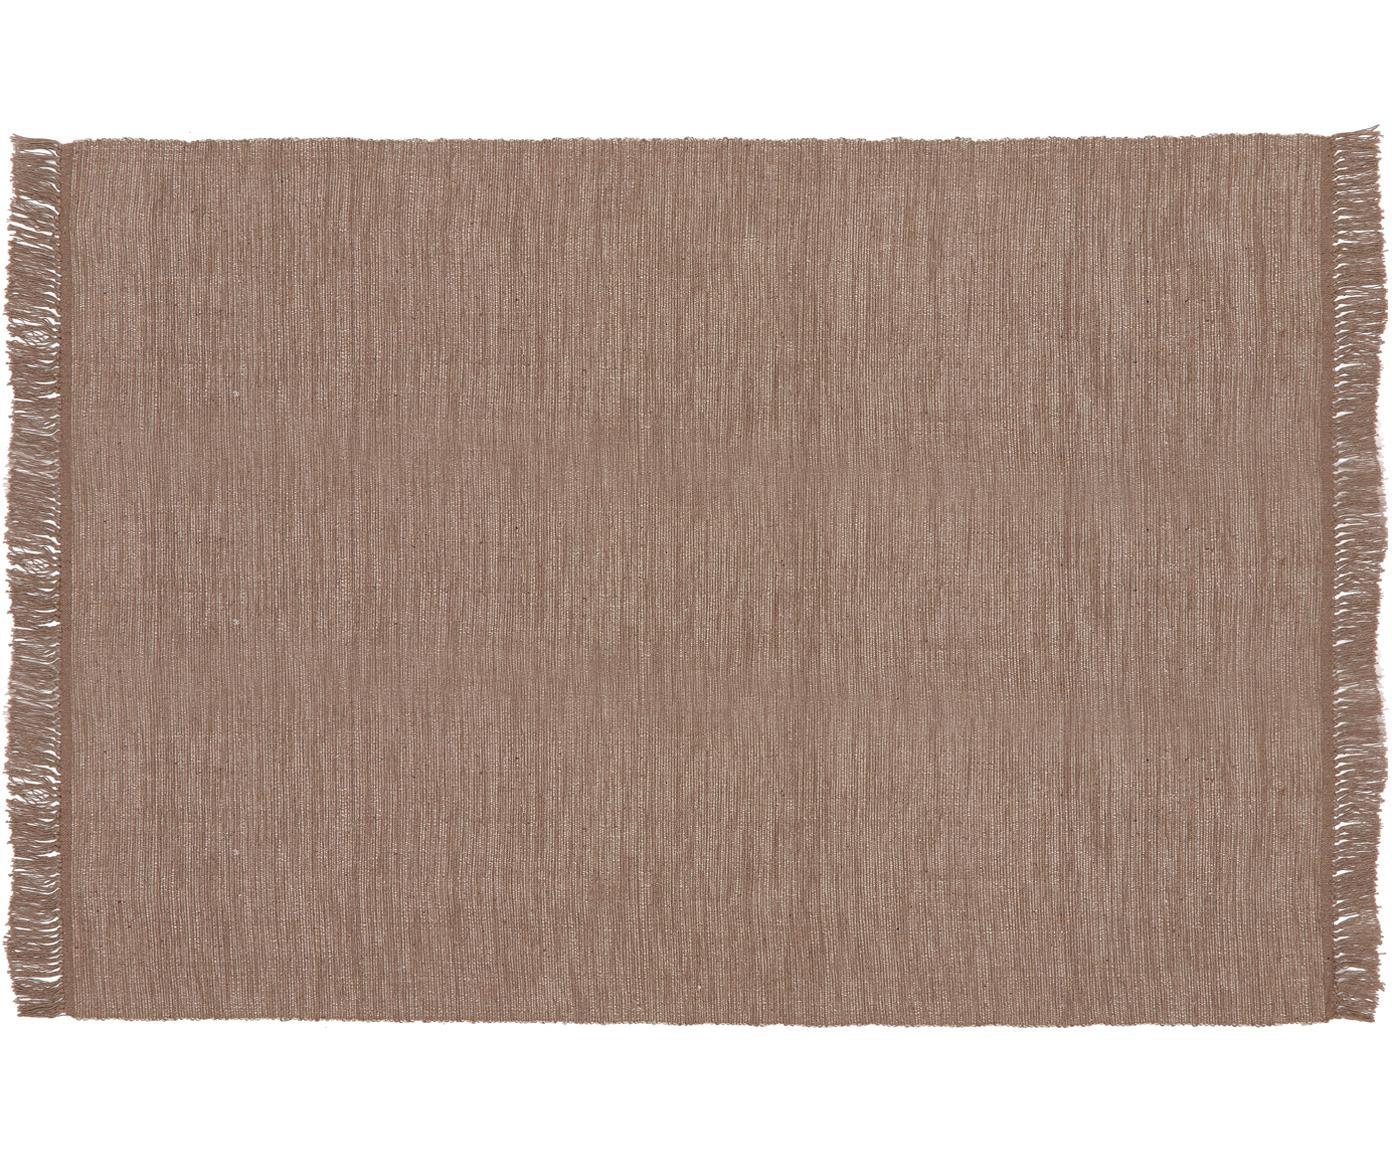 Katoenen vloerkleed Dag, Katoen, Taupe, B 140 x L 200 cm (maat S)